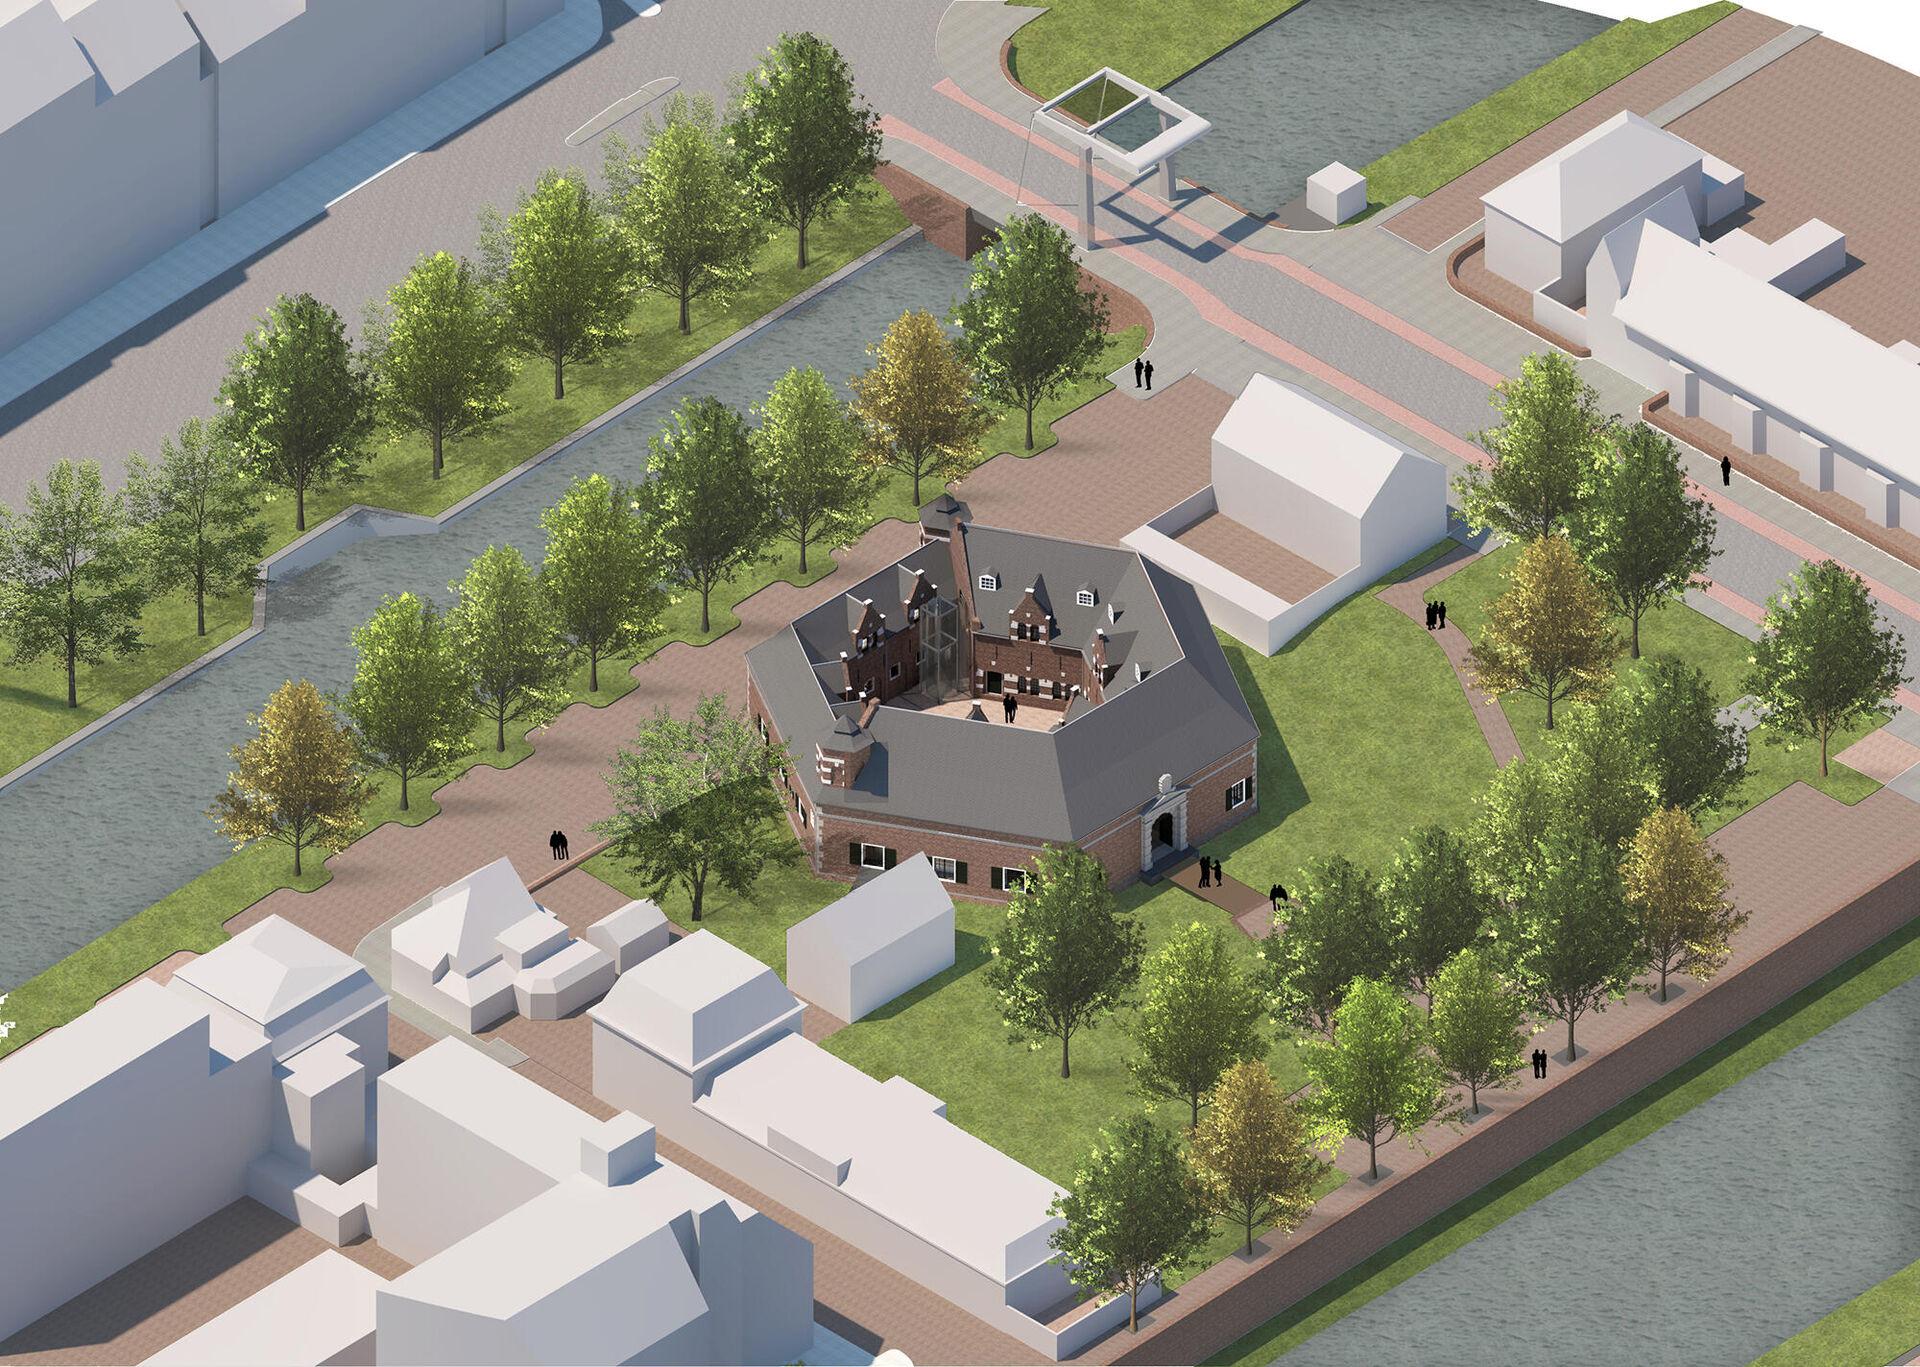 Gemeenteraad stemt in met herbestemming Kruithuis tot vesting- en watermuseum